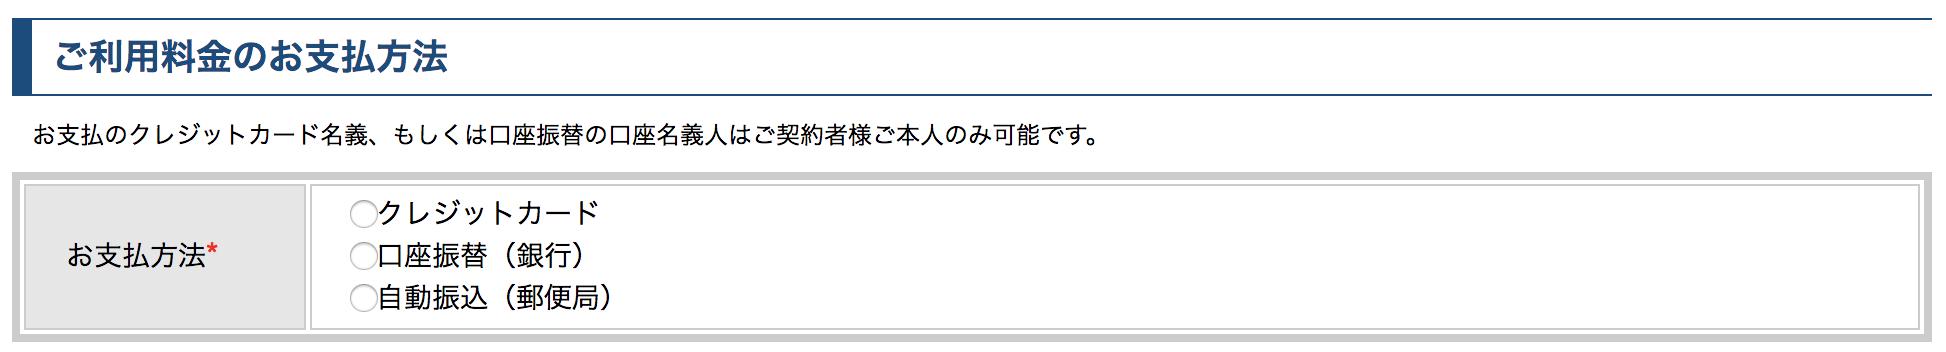 【GALAXY S6×UQモバイル口座振替】口座振替が選択できる